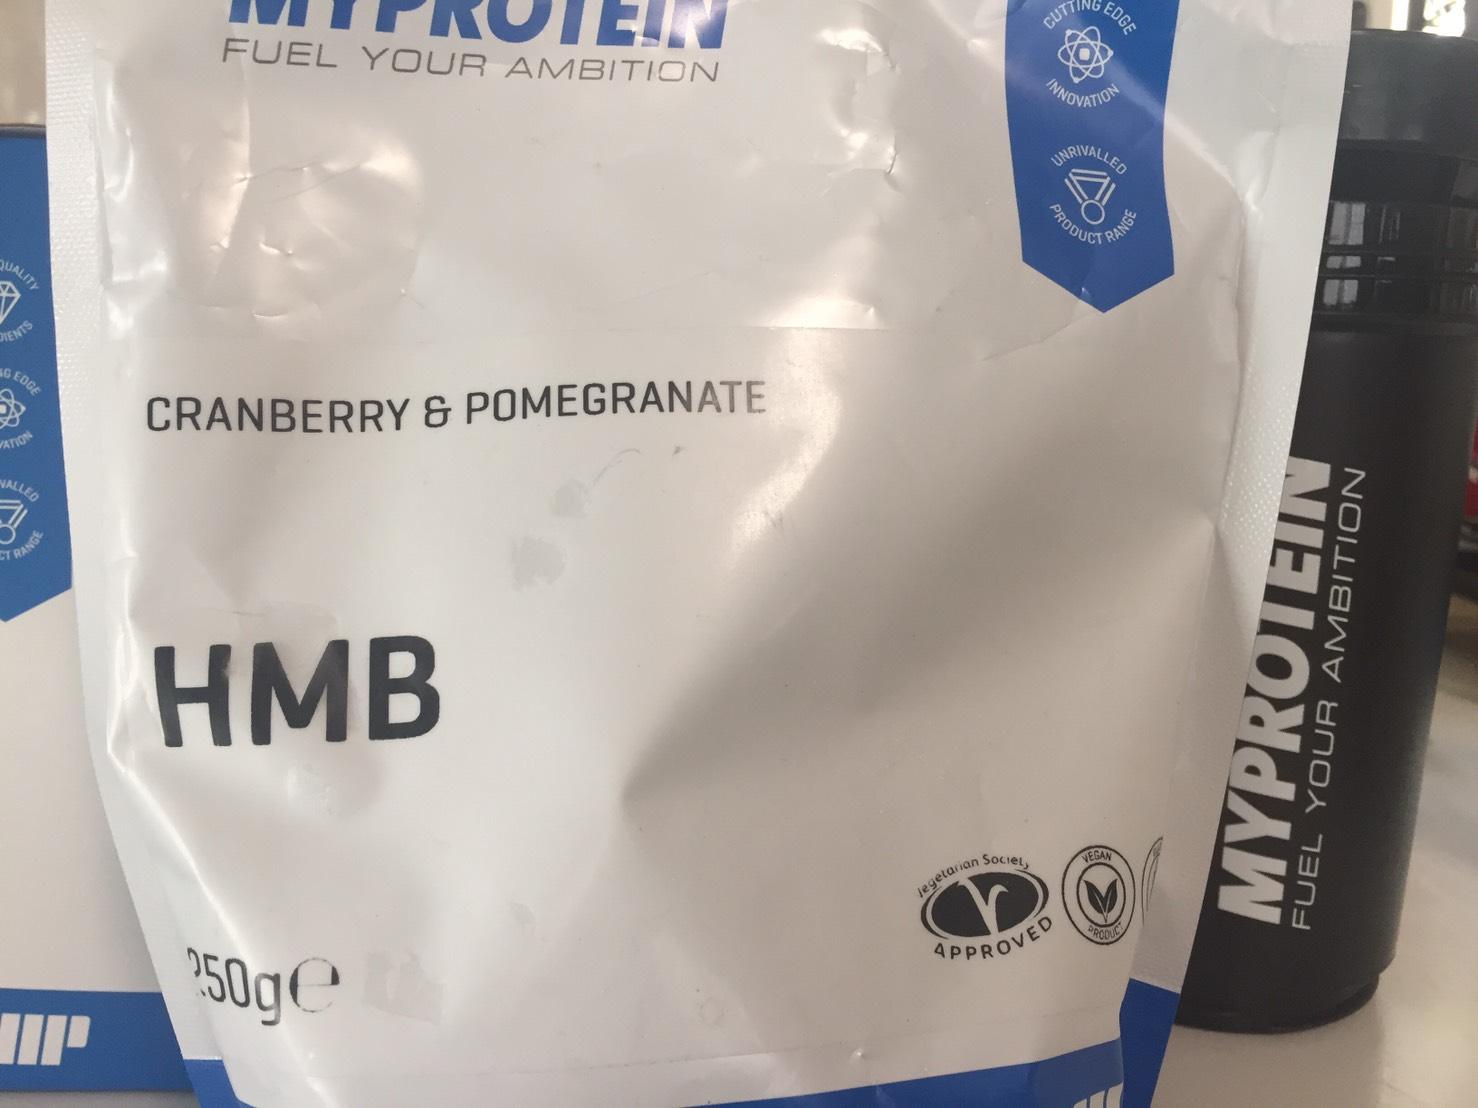 マイプロテインのHMBパウダー「CRANBERRY&POMEGRANATE(クランベリー&ザクロ味)」のパッケージの様子